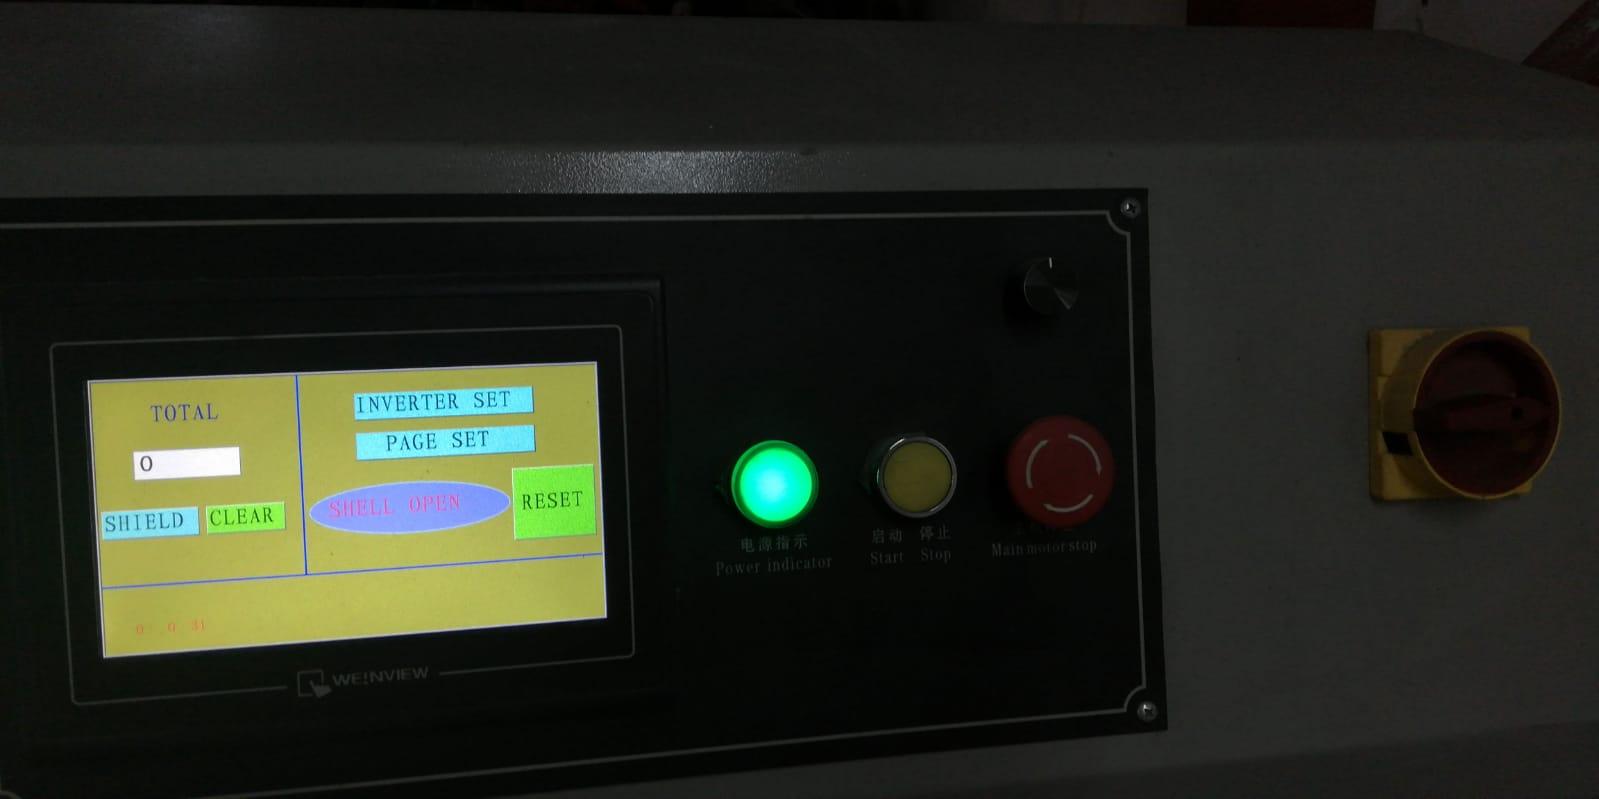 IMG-20210108-WA0039